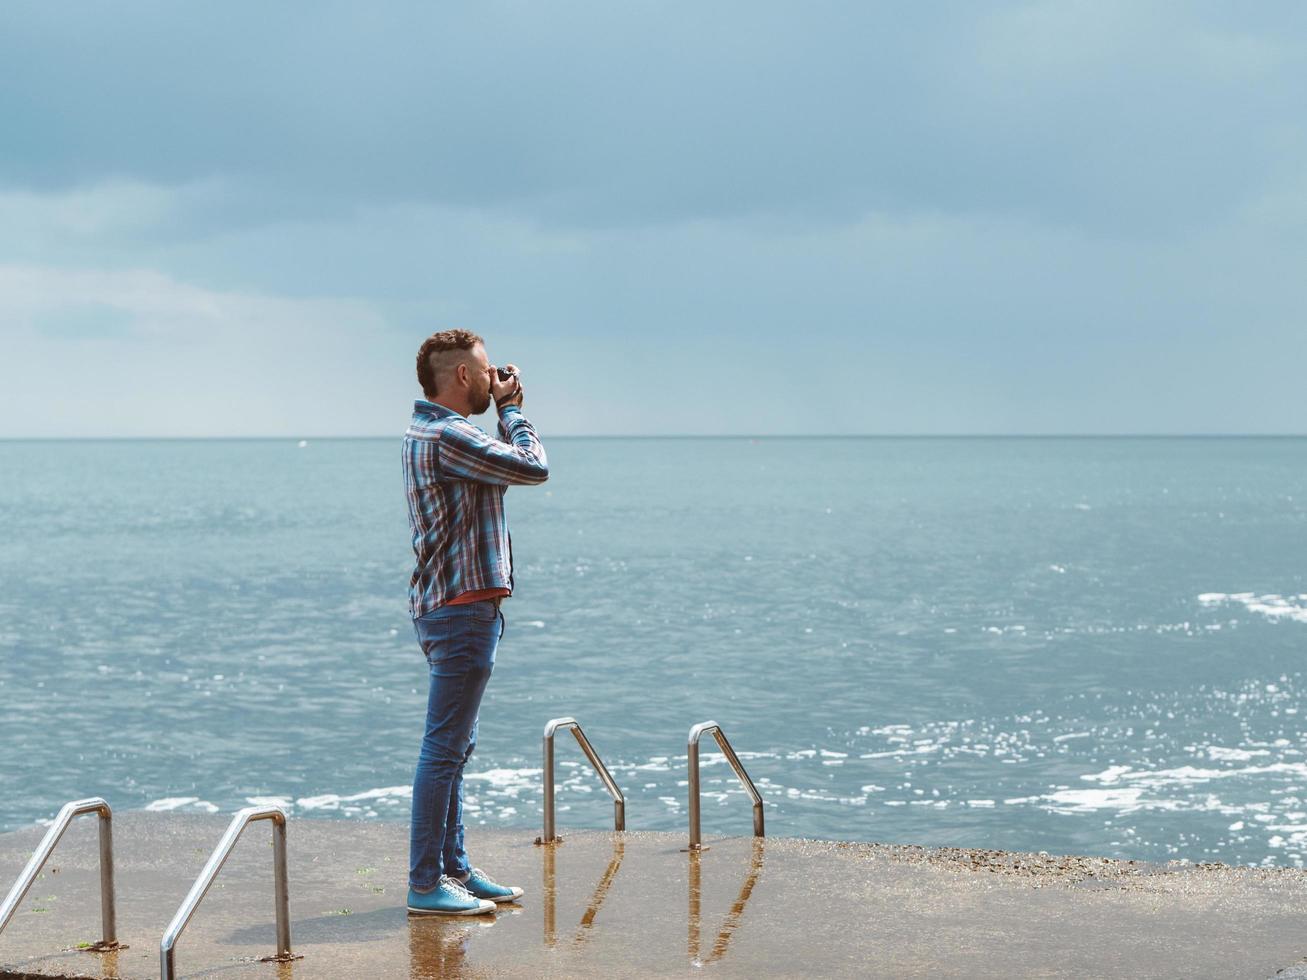 le photographe fait une photo de la mer